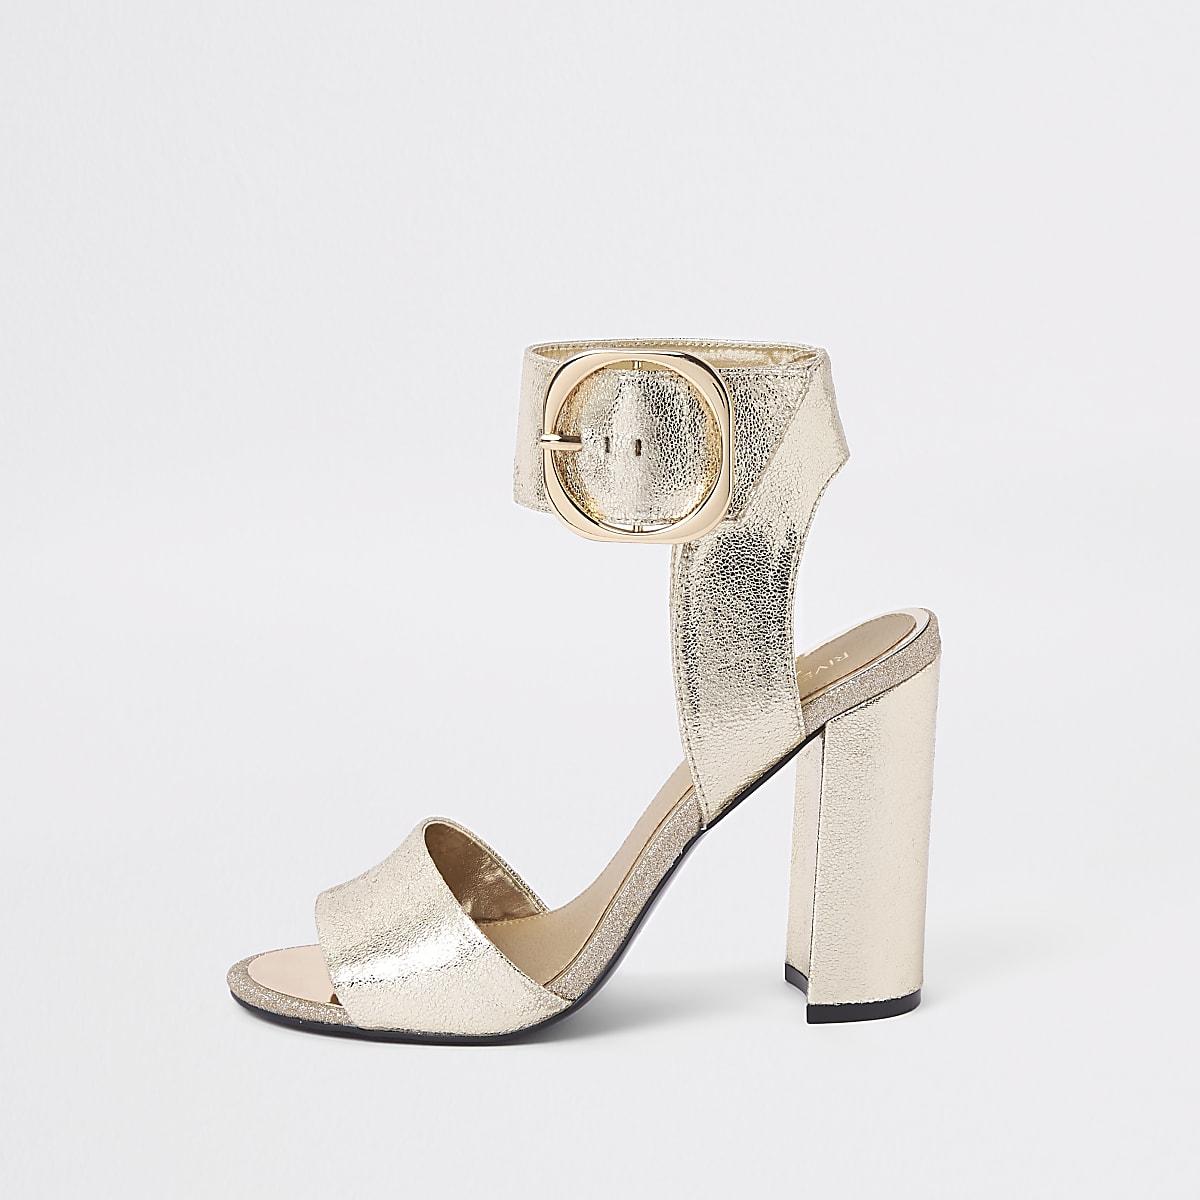 Gold metallic block heel sandals